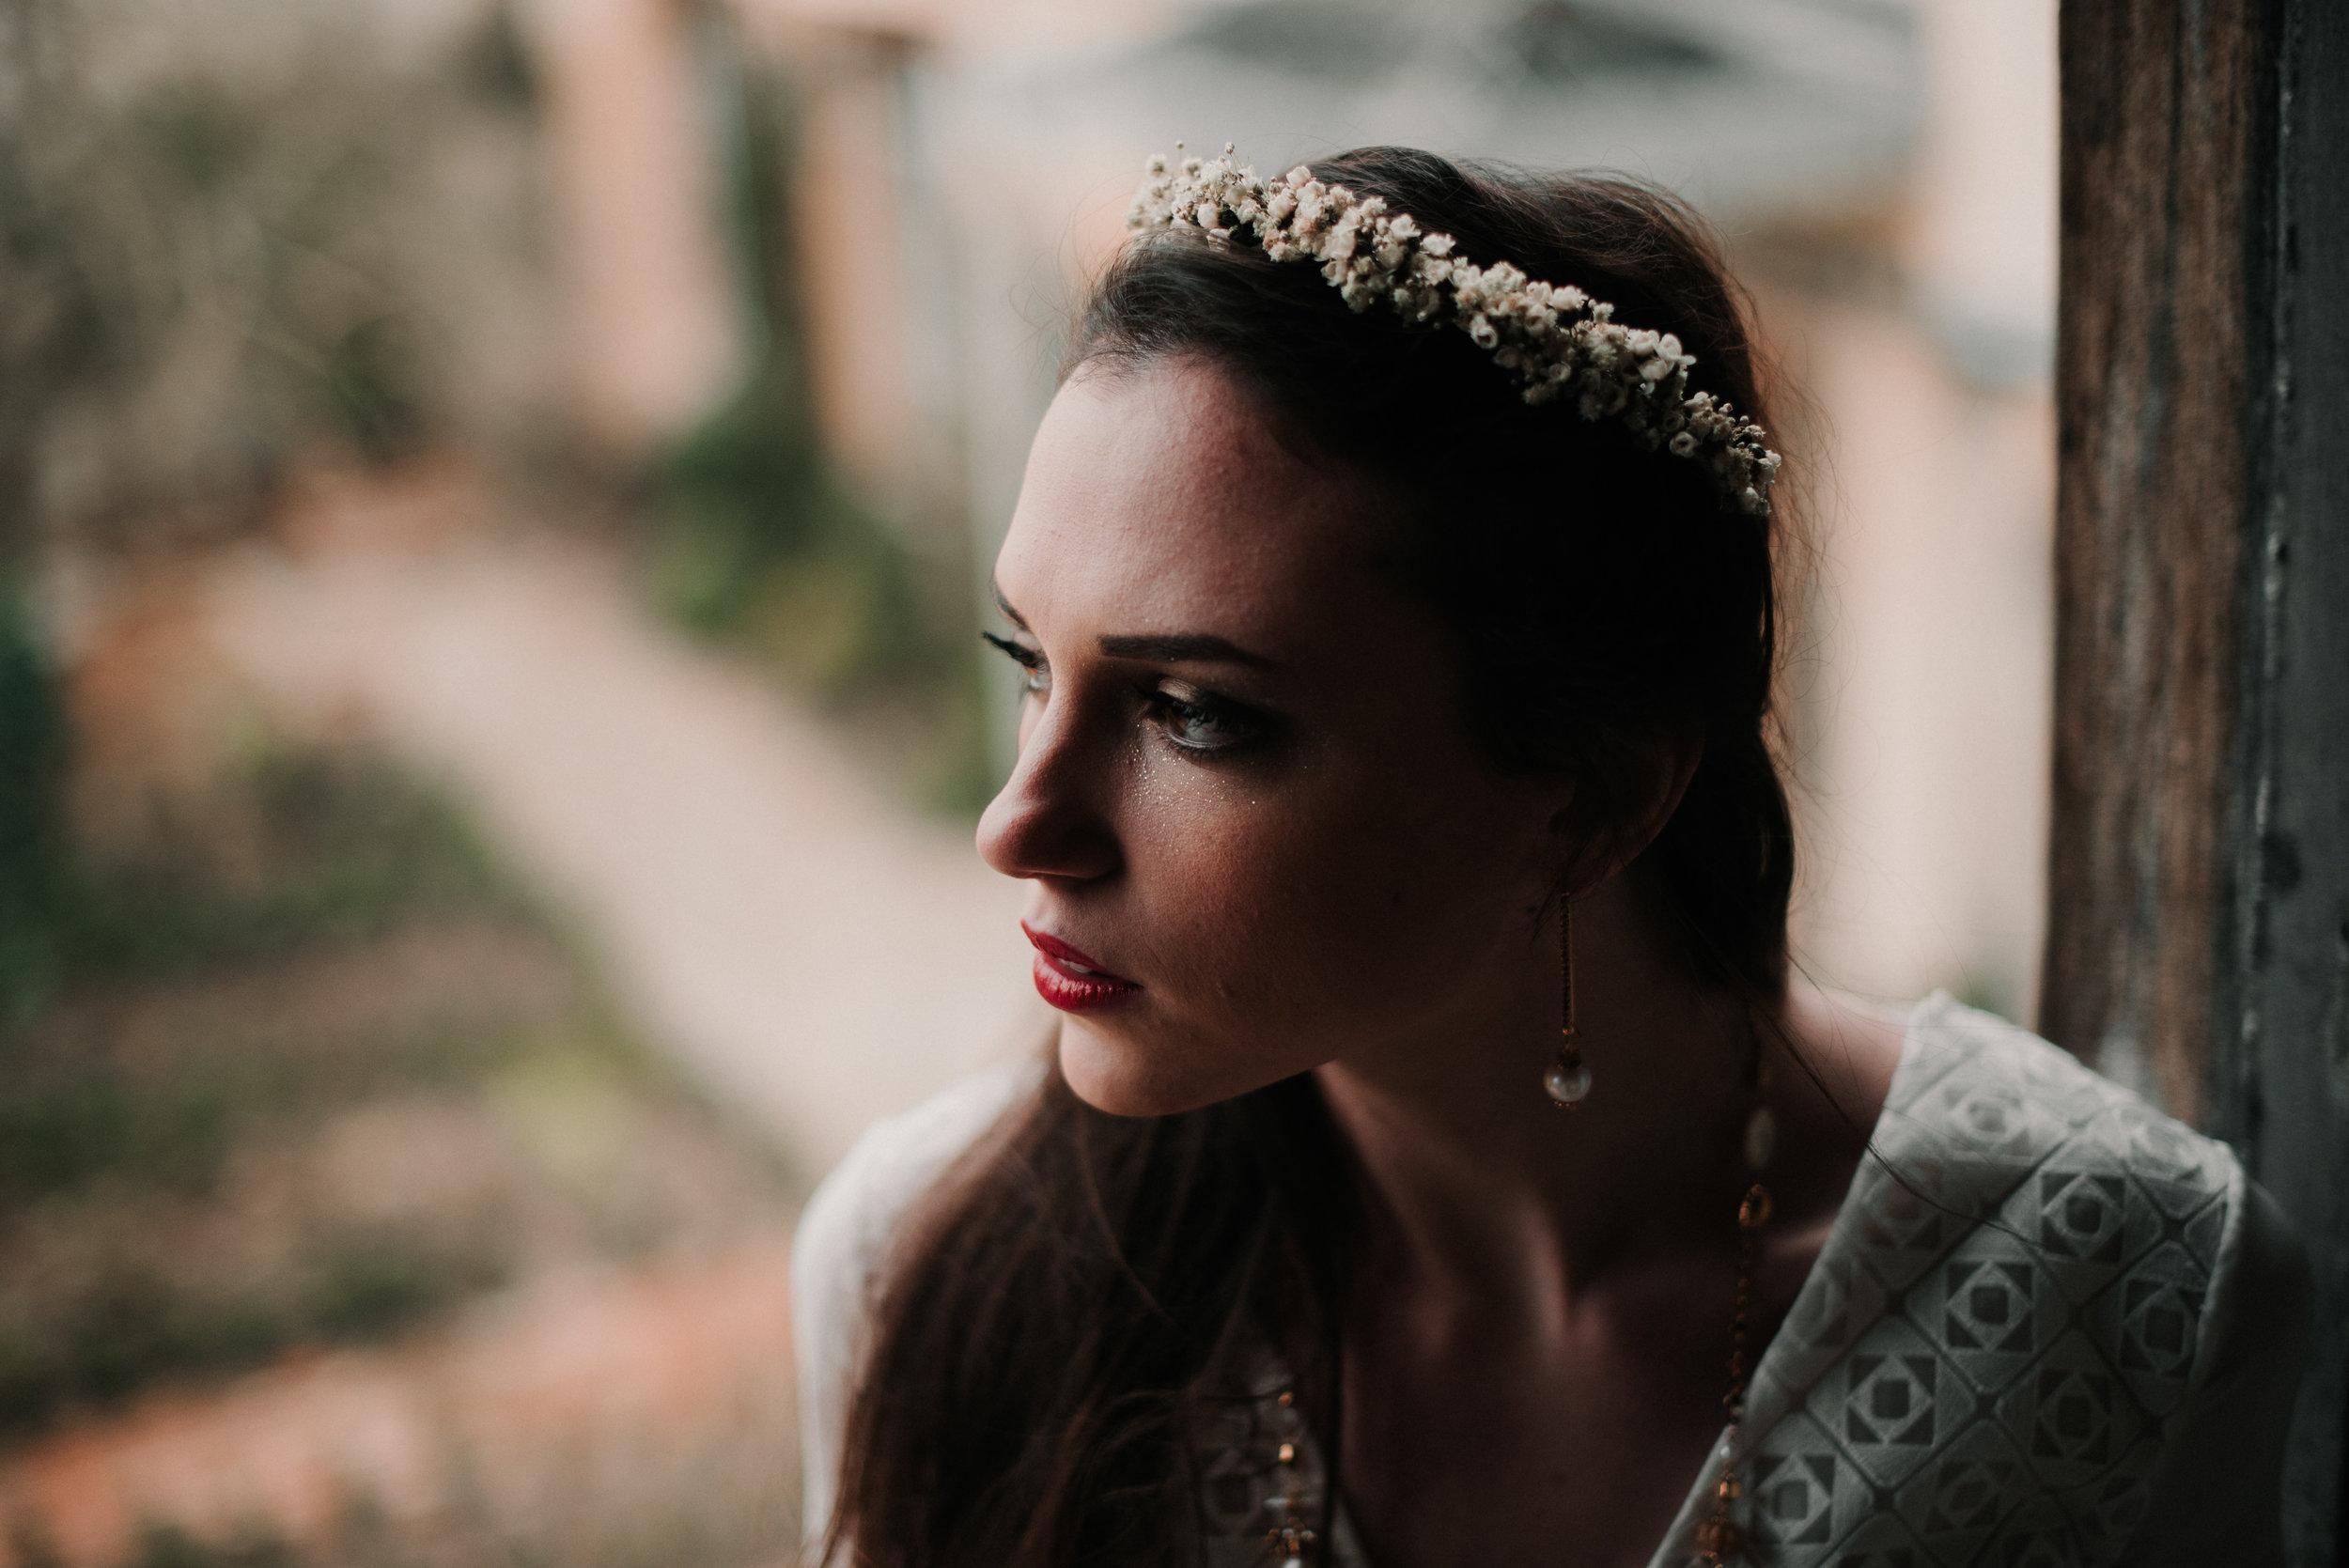 Léa-Fery-photographe-professionnel-lyon-rhone-alpes-portrait-creation-mariage-evenement-evenementiel-famille-3314.jpg